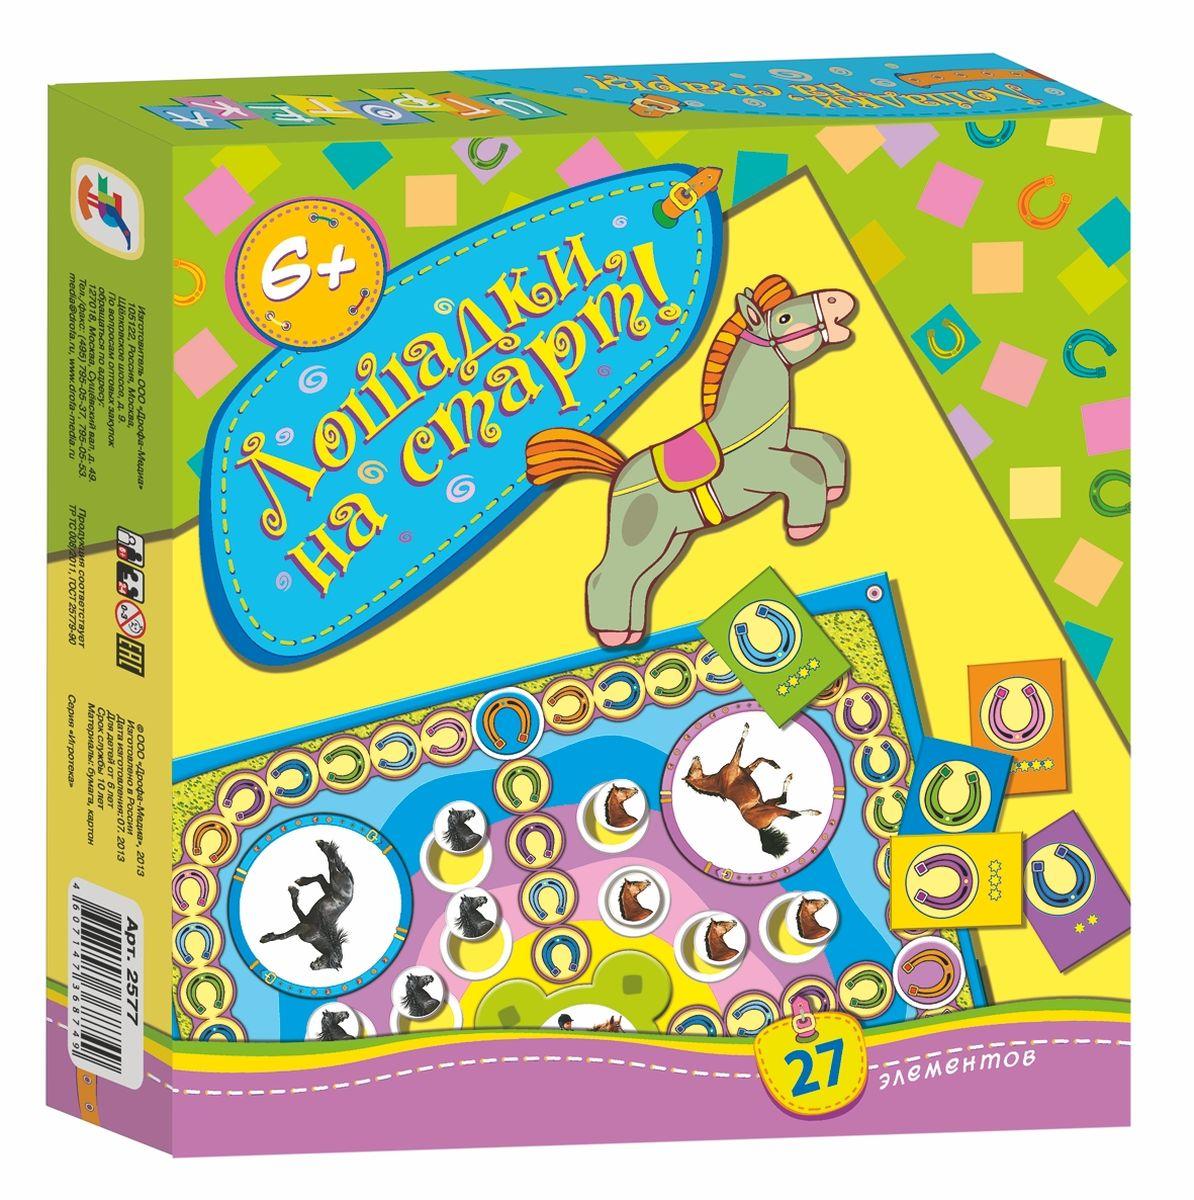 Дрофа-Медиа Настольная игра Лошадки на старт2577Настольная игра Лошадки, на старт! позволит ребенку весело и увлекательно провести свободное время. Увлекательная игра для всей семьи понравится и детям, и взрослым: в ней есть как элемент случайности, так и простор для стратегических решений. Игра развивает внимание, наблюдательность, учит анализировать ситуацию, логически мыслить, находить лучший вариант хода из нескольких возможных. Игра позволит весело провести время не только детям, но и взрослым. Настольная игра Лошадки, на старт! станет незаменимым подарком вашим близким и родным людям!